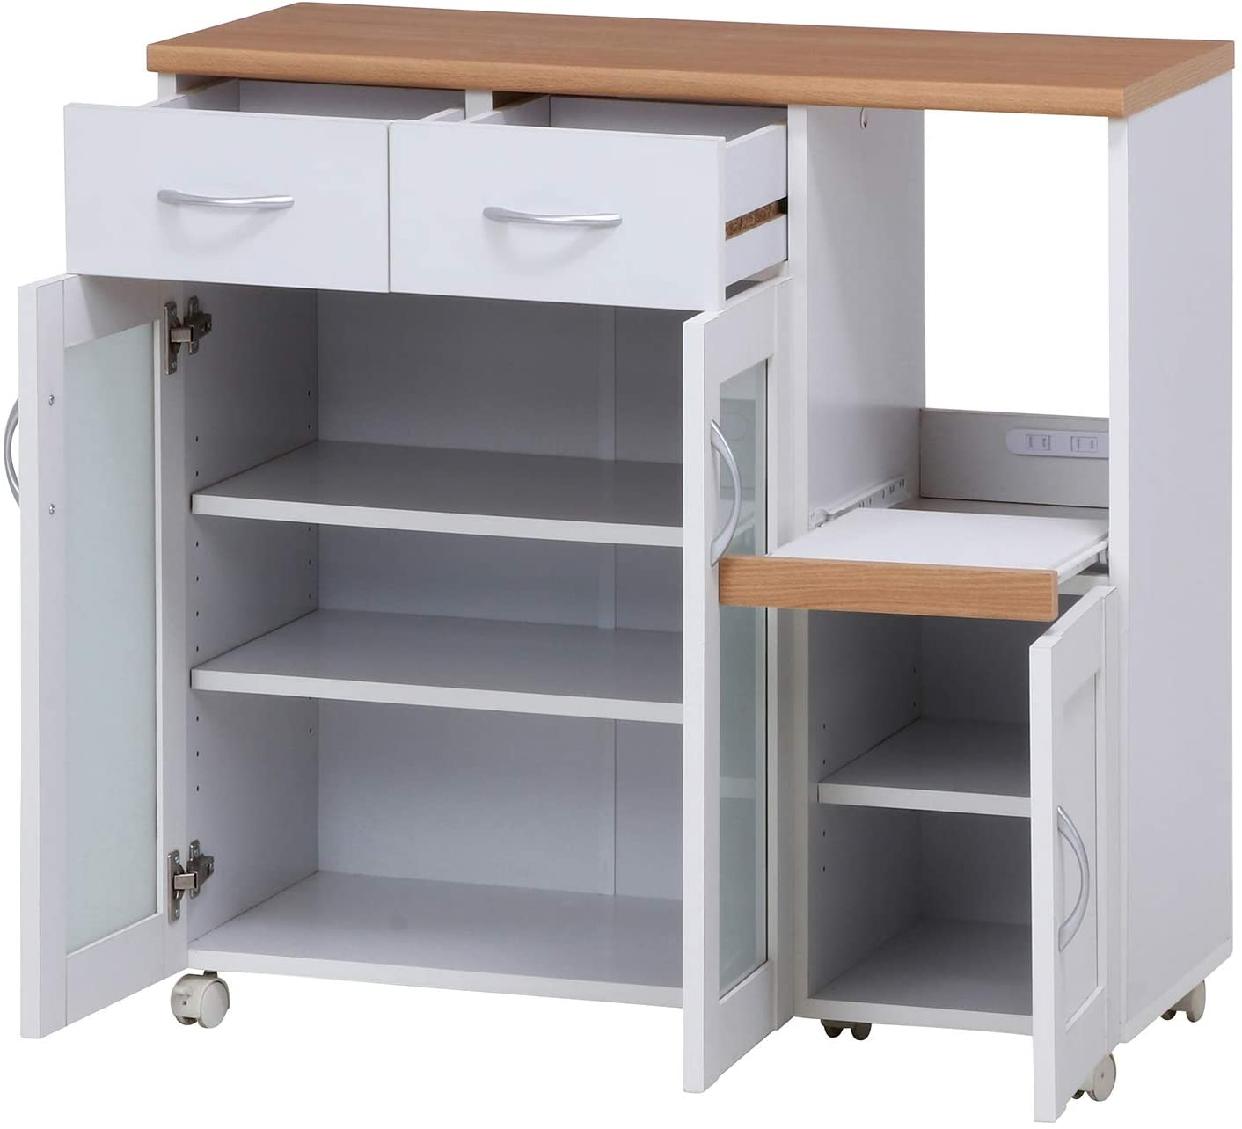 Sage(サージュ)キッチンカウンター 96819 幅90cmの商品画像3